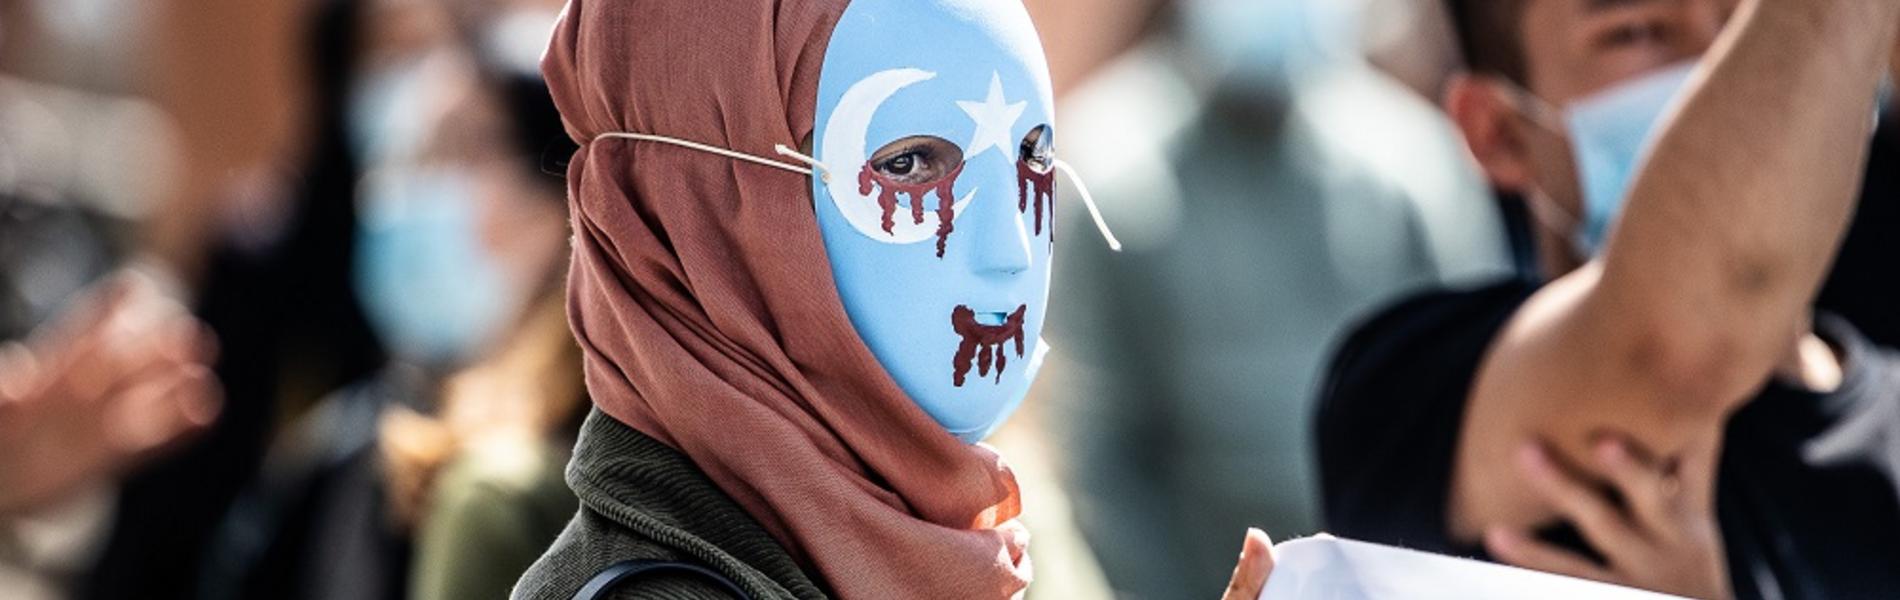 עבודות כפייה, עיקור ועינויים: המידע שרשתות האופנה ניסו להסתיר מכם